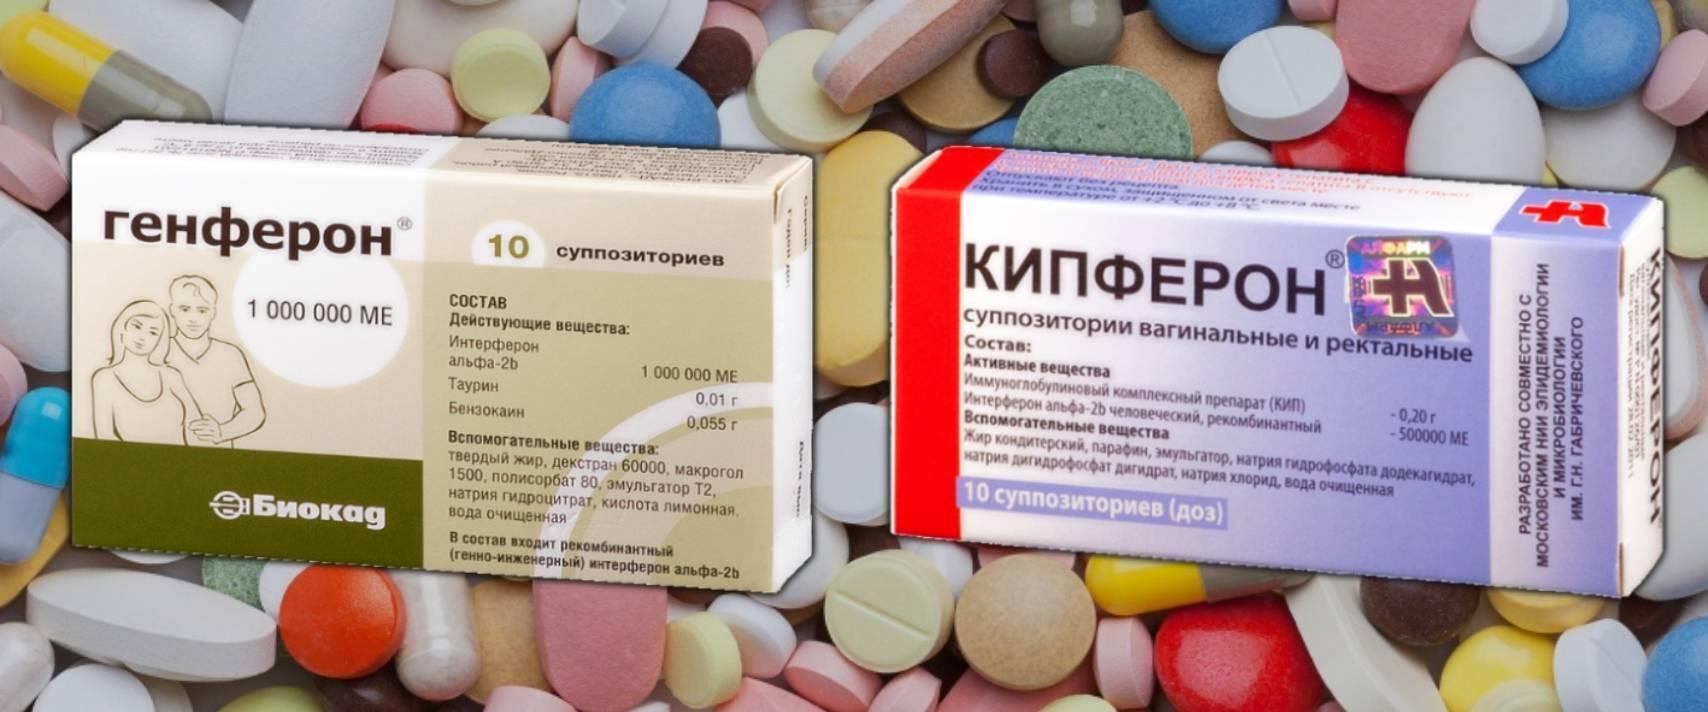 Кипферон и виферон в чем разница: что лучше для детей, отличия препаратов